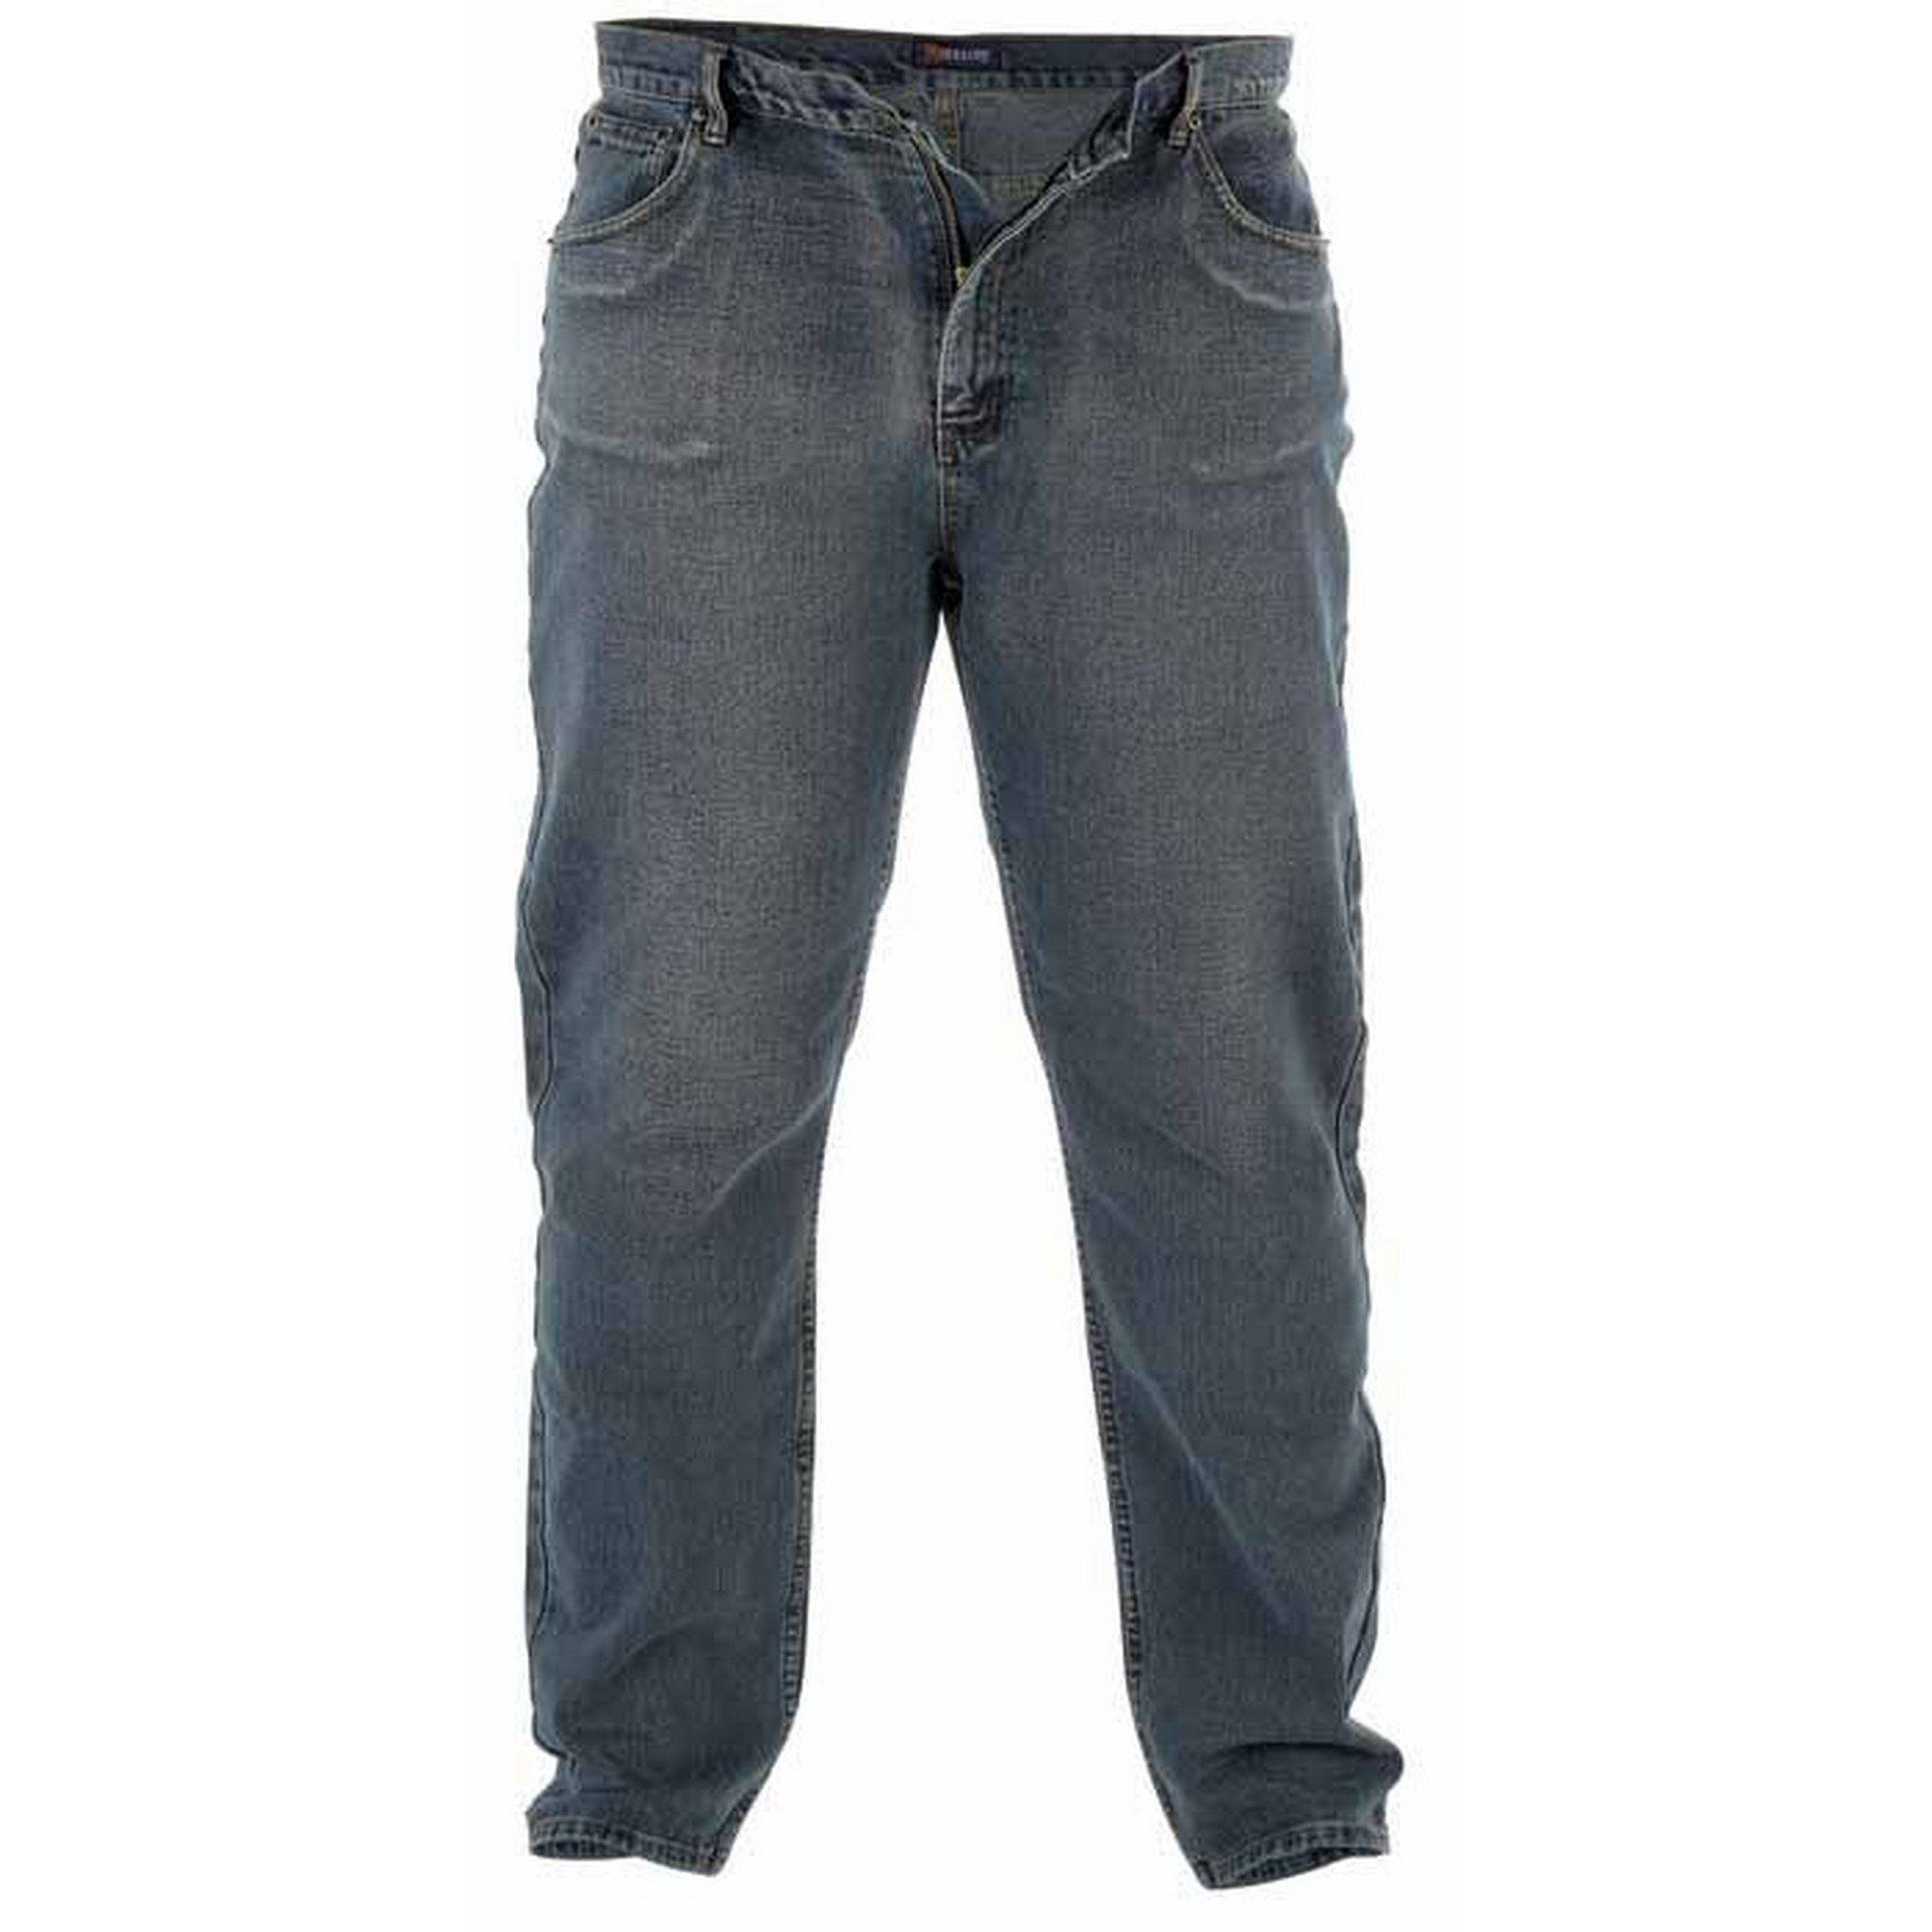 Duke Clothing comfort fit jeans »Heren Rockford Kingsize Comfort Fit Jeans« nu online kopen bij OTTO